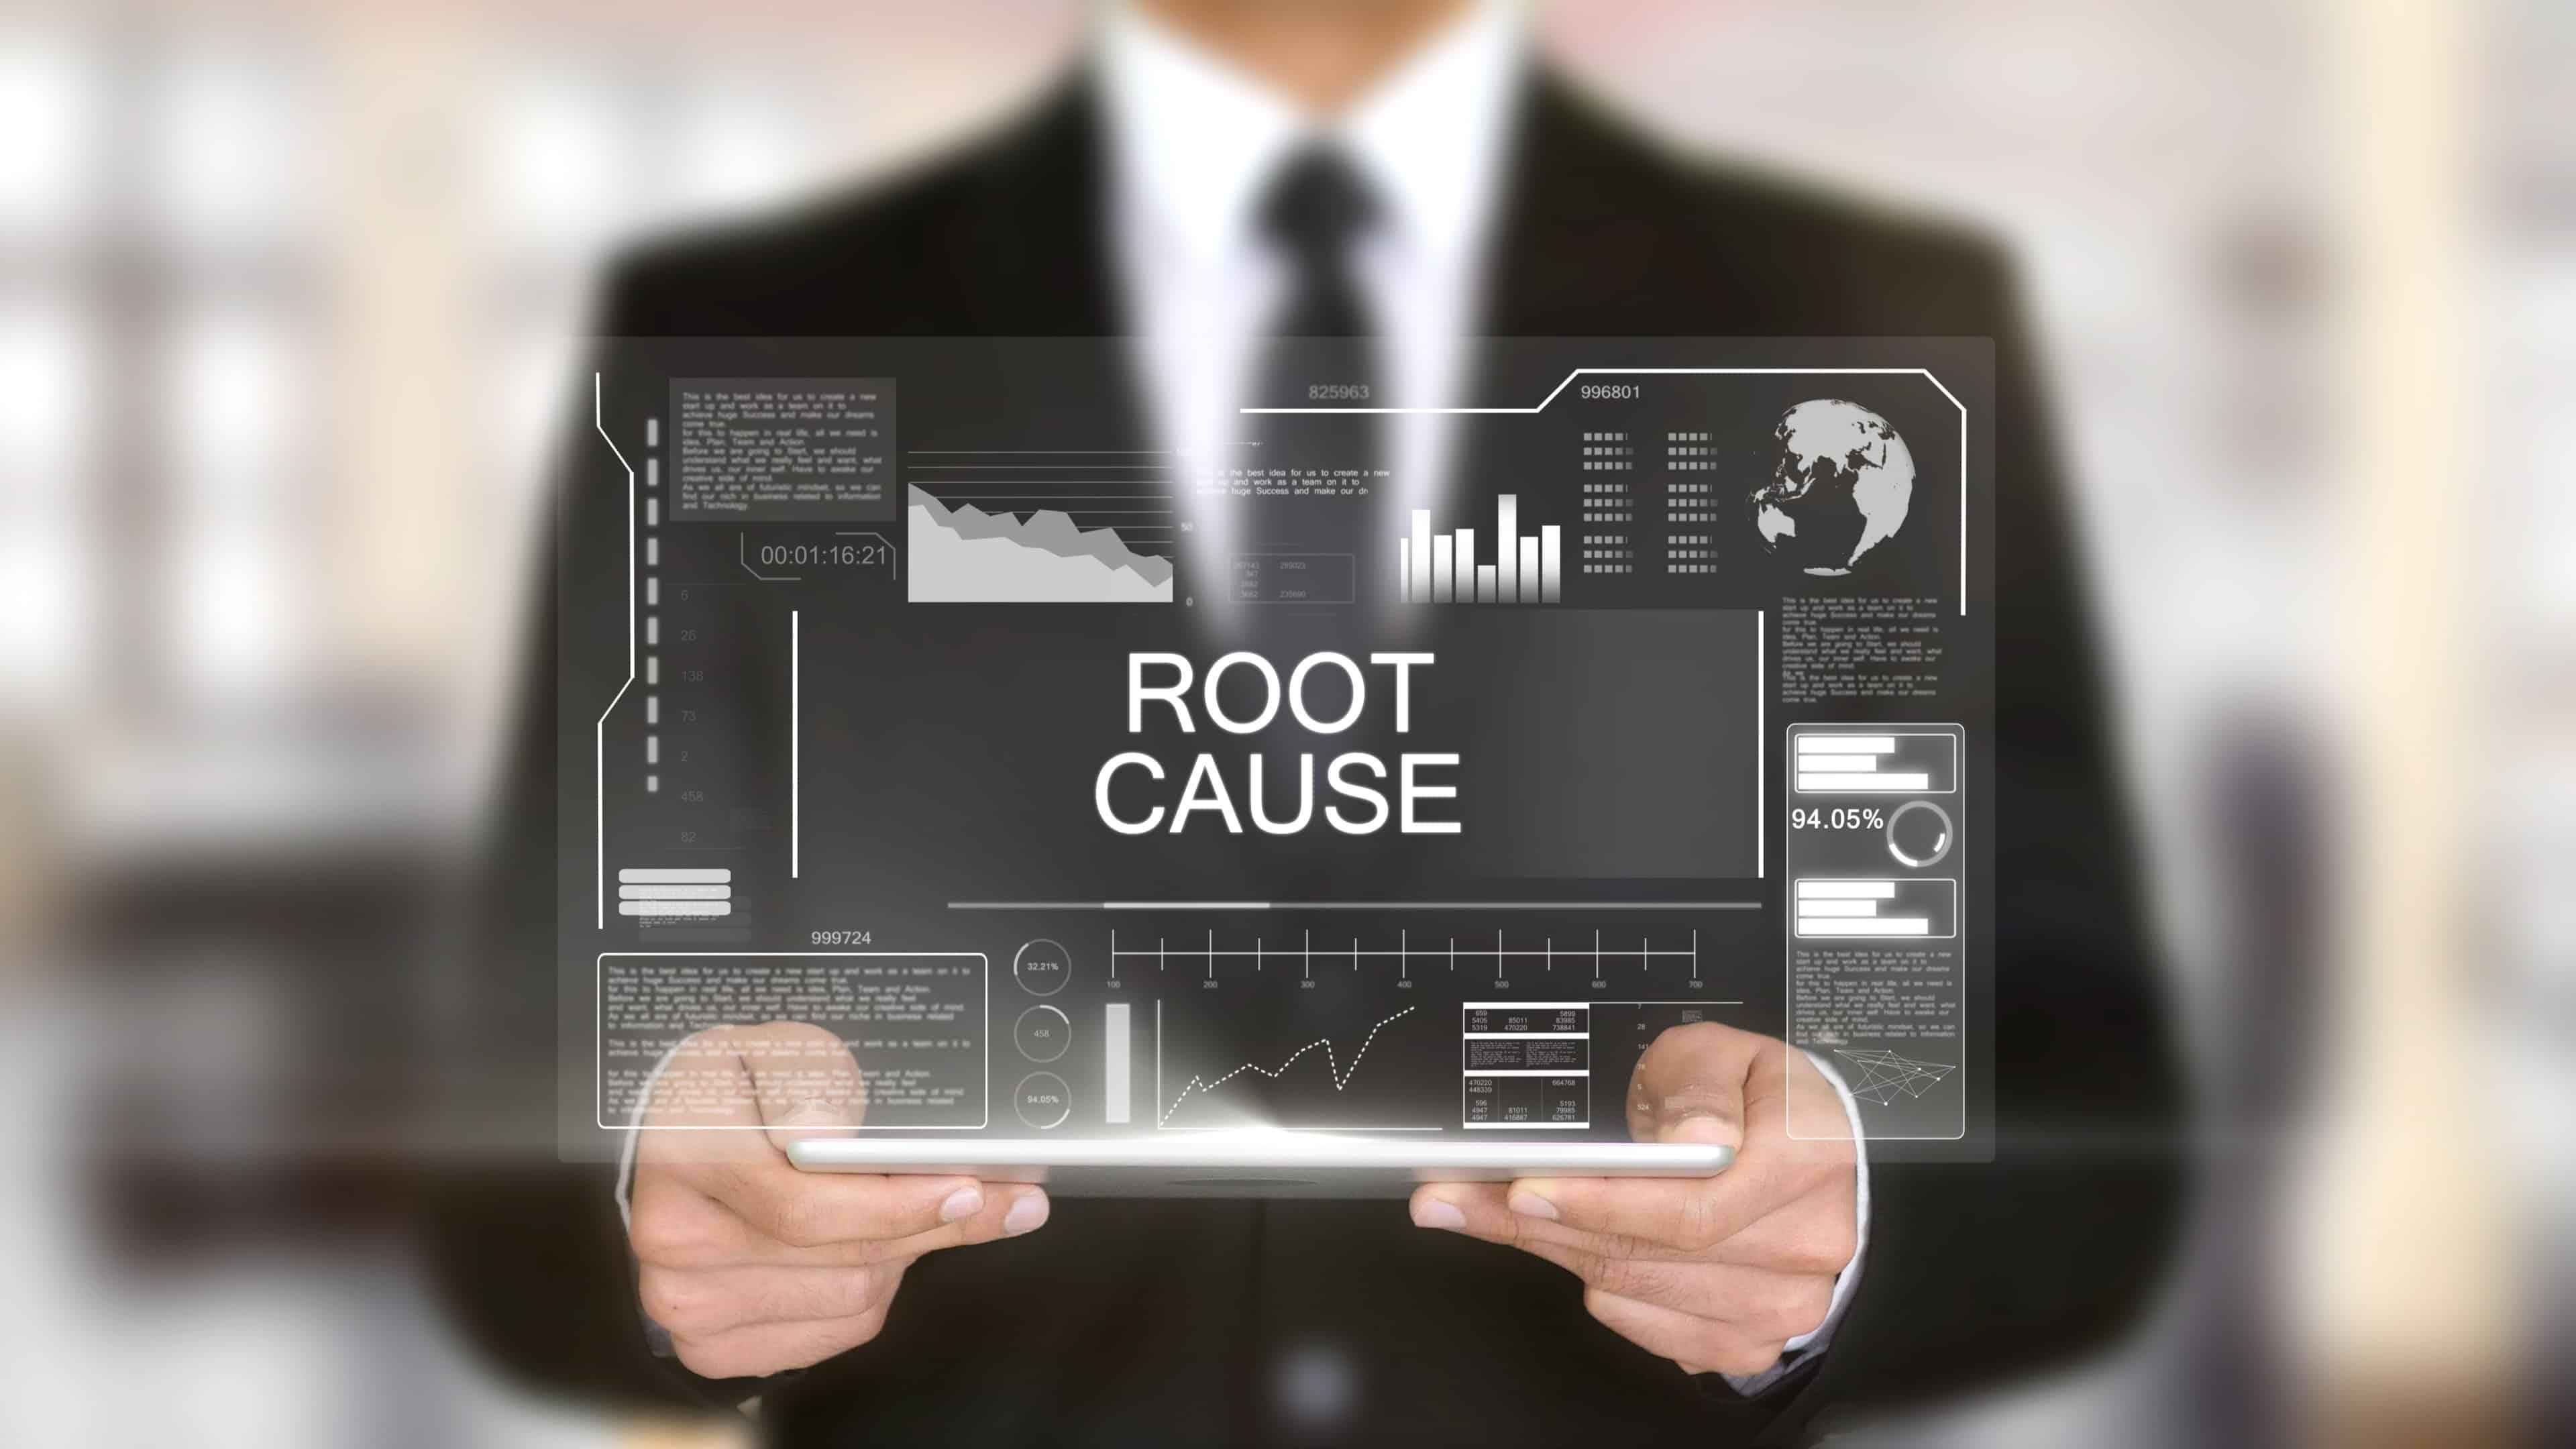 Beyond Root Cause Analysis